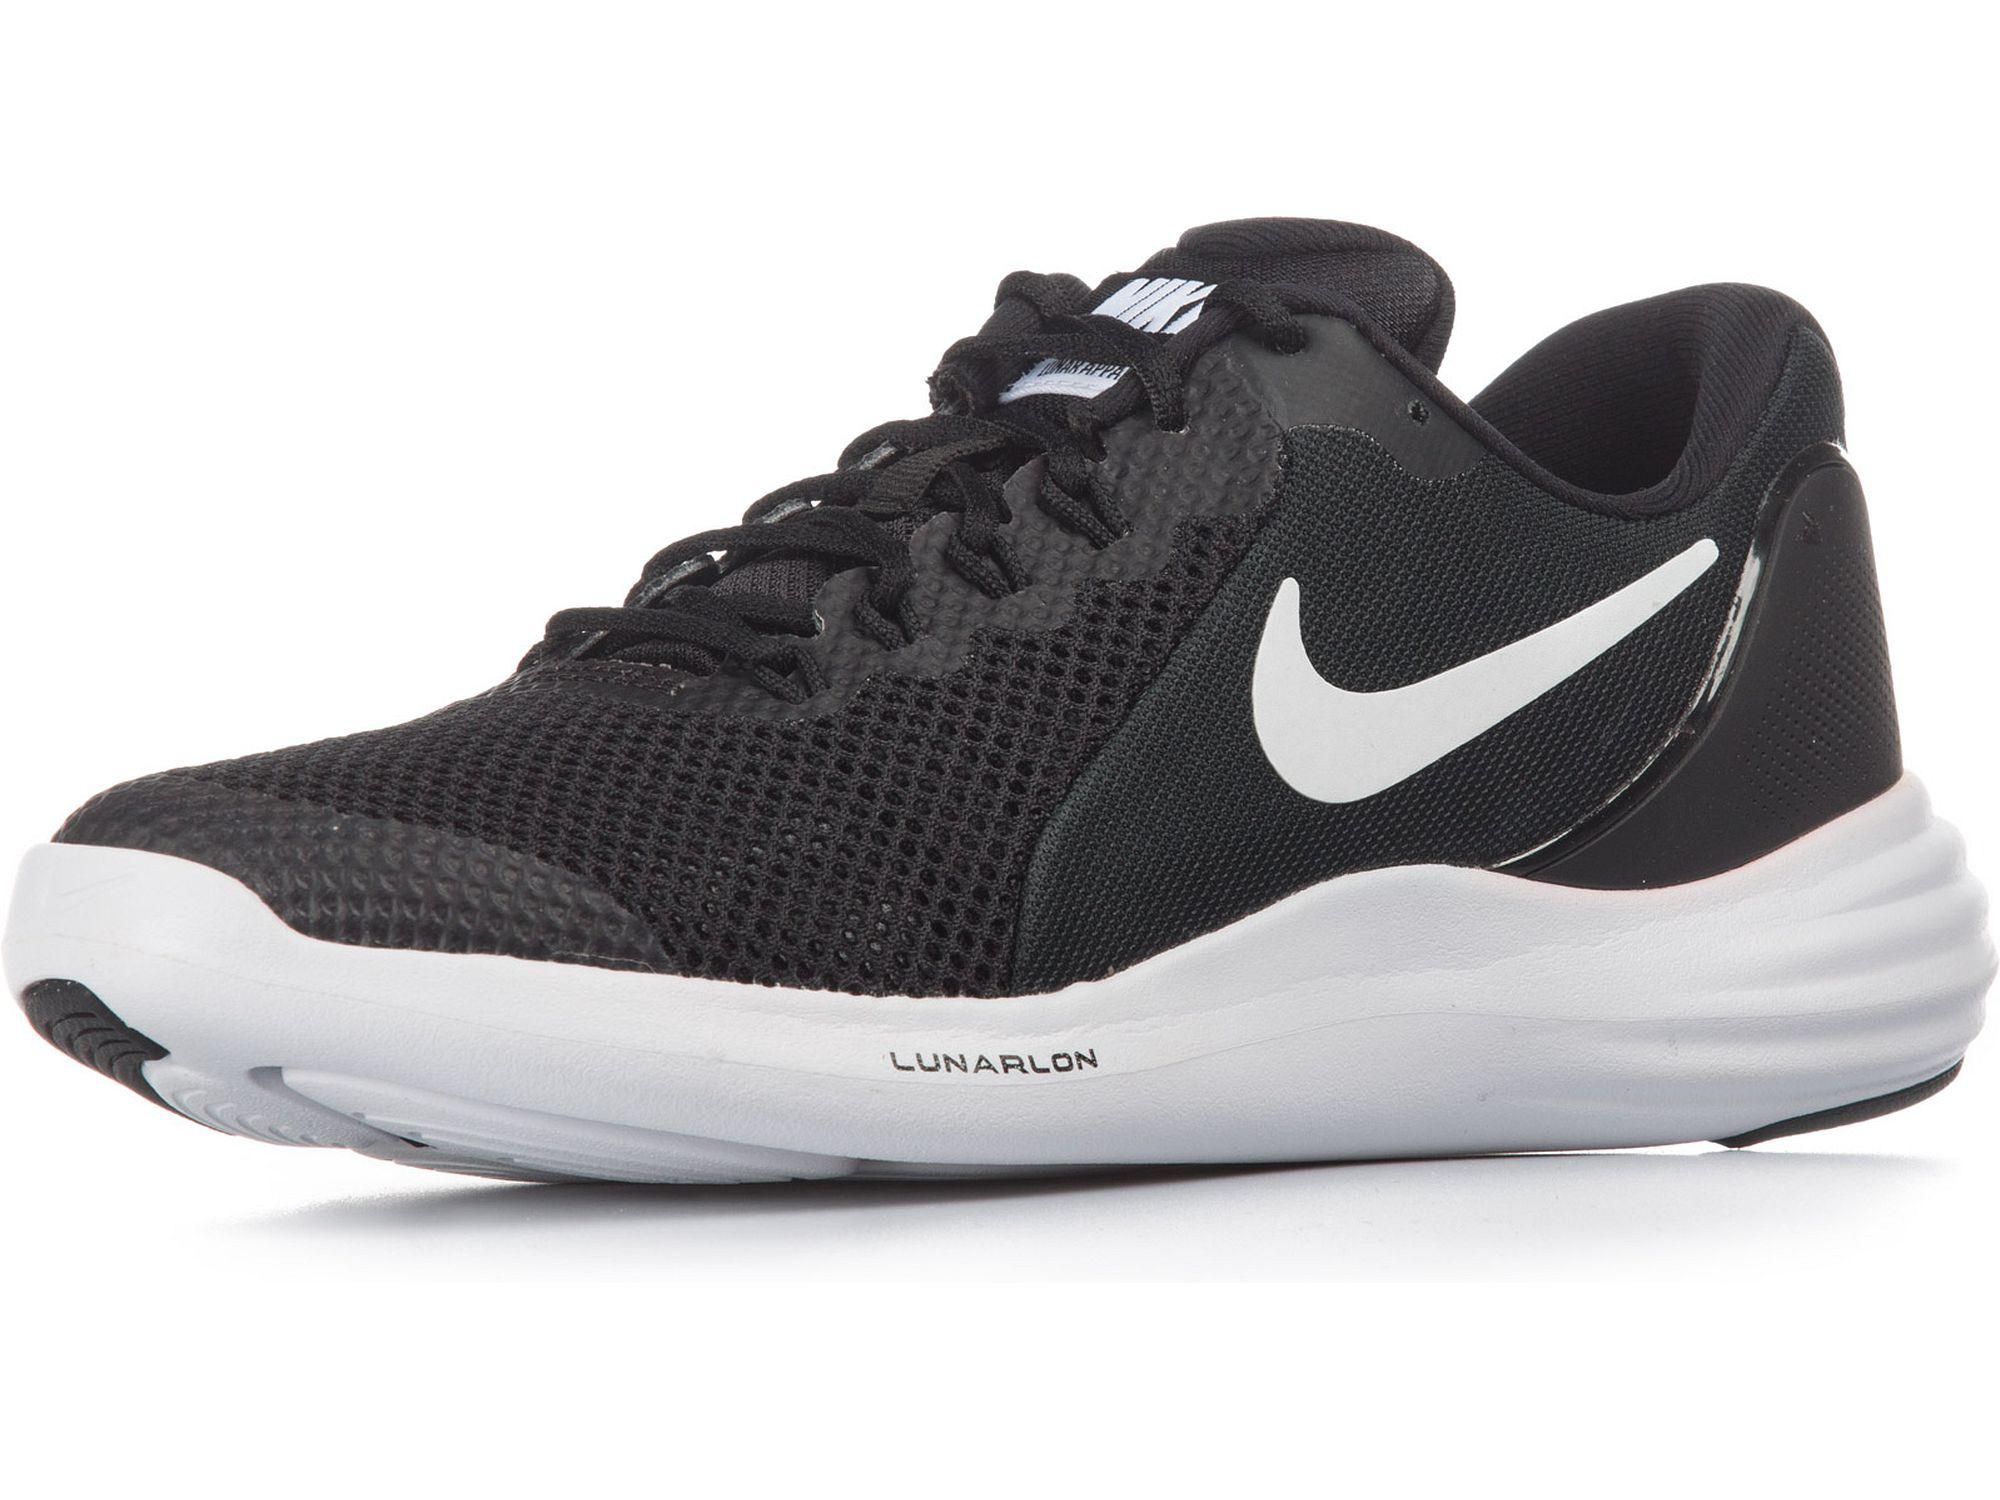 Nike LUNAR APPARENT (GS) (36) Buty Dziecięce - 6936895060 - oficjalne  archiwum allegro f1711980a67f1